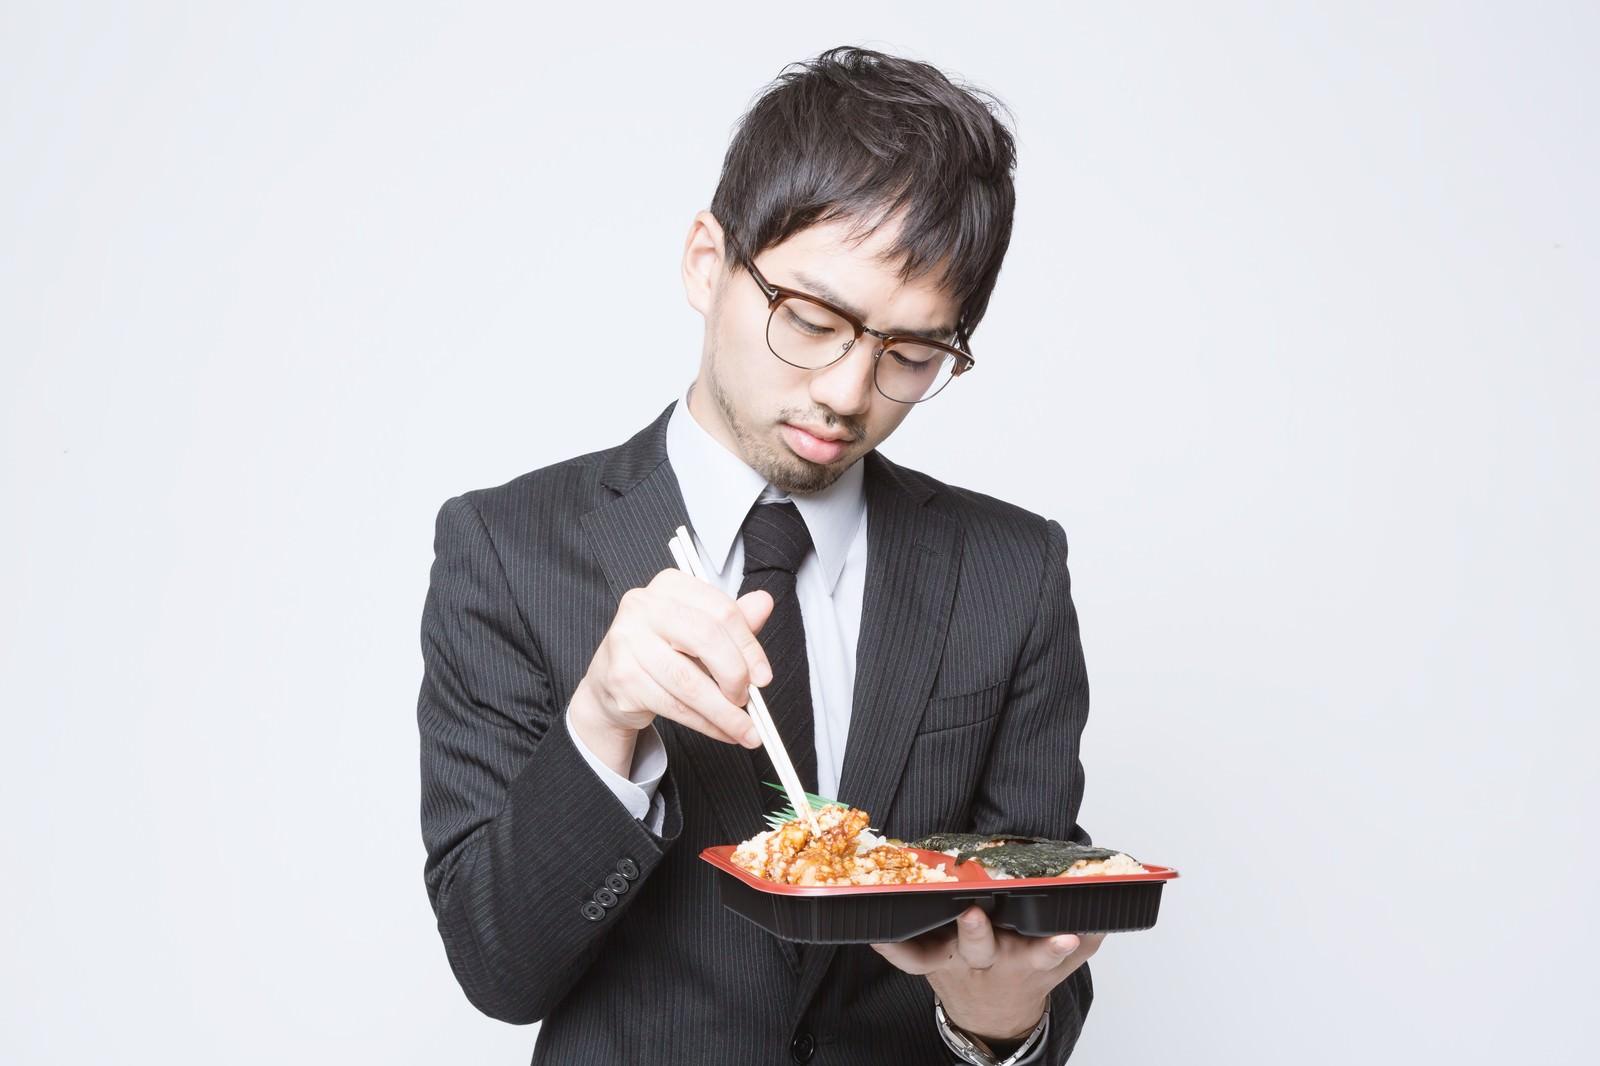 「のり弁当を食べる会社員」の写真[モデル:ひろゆき]